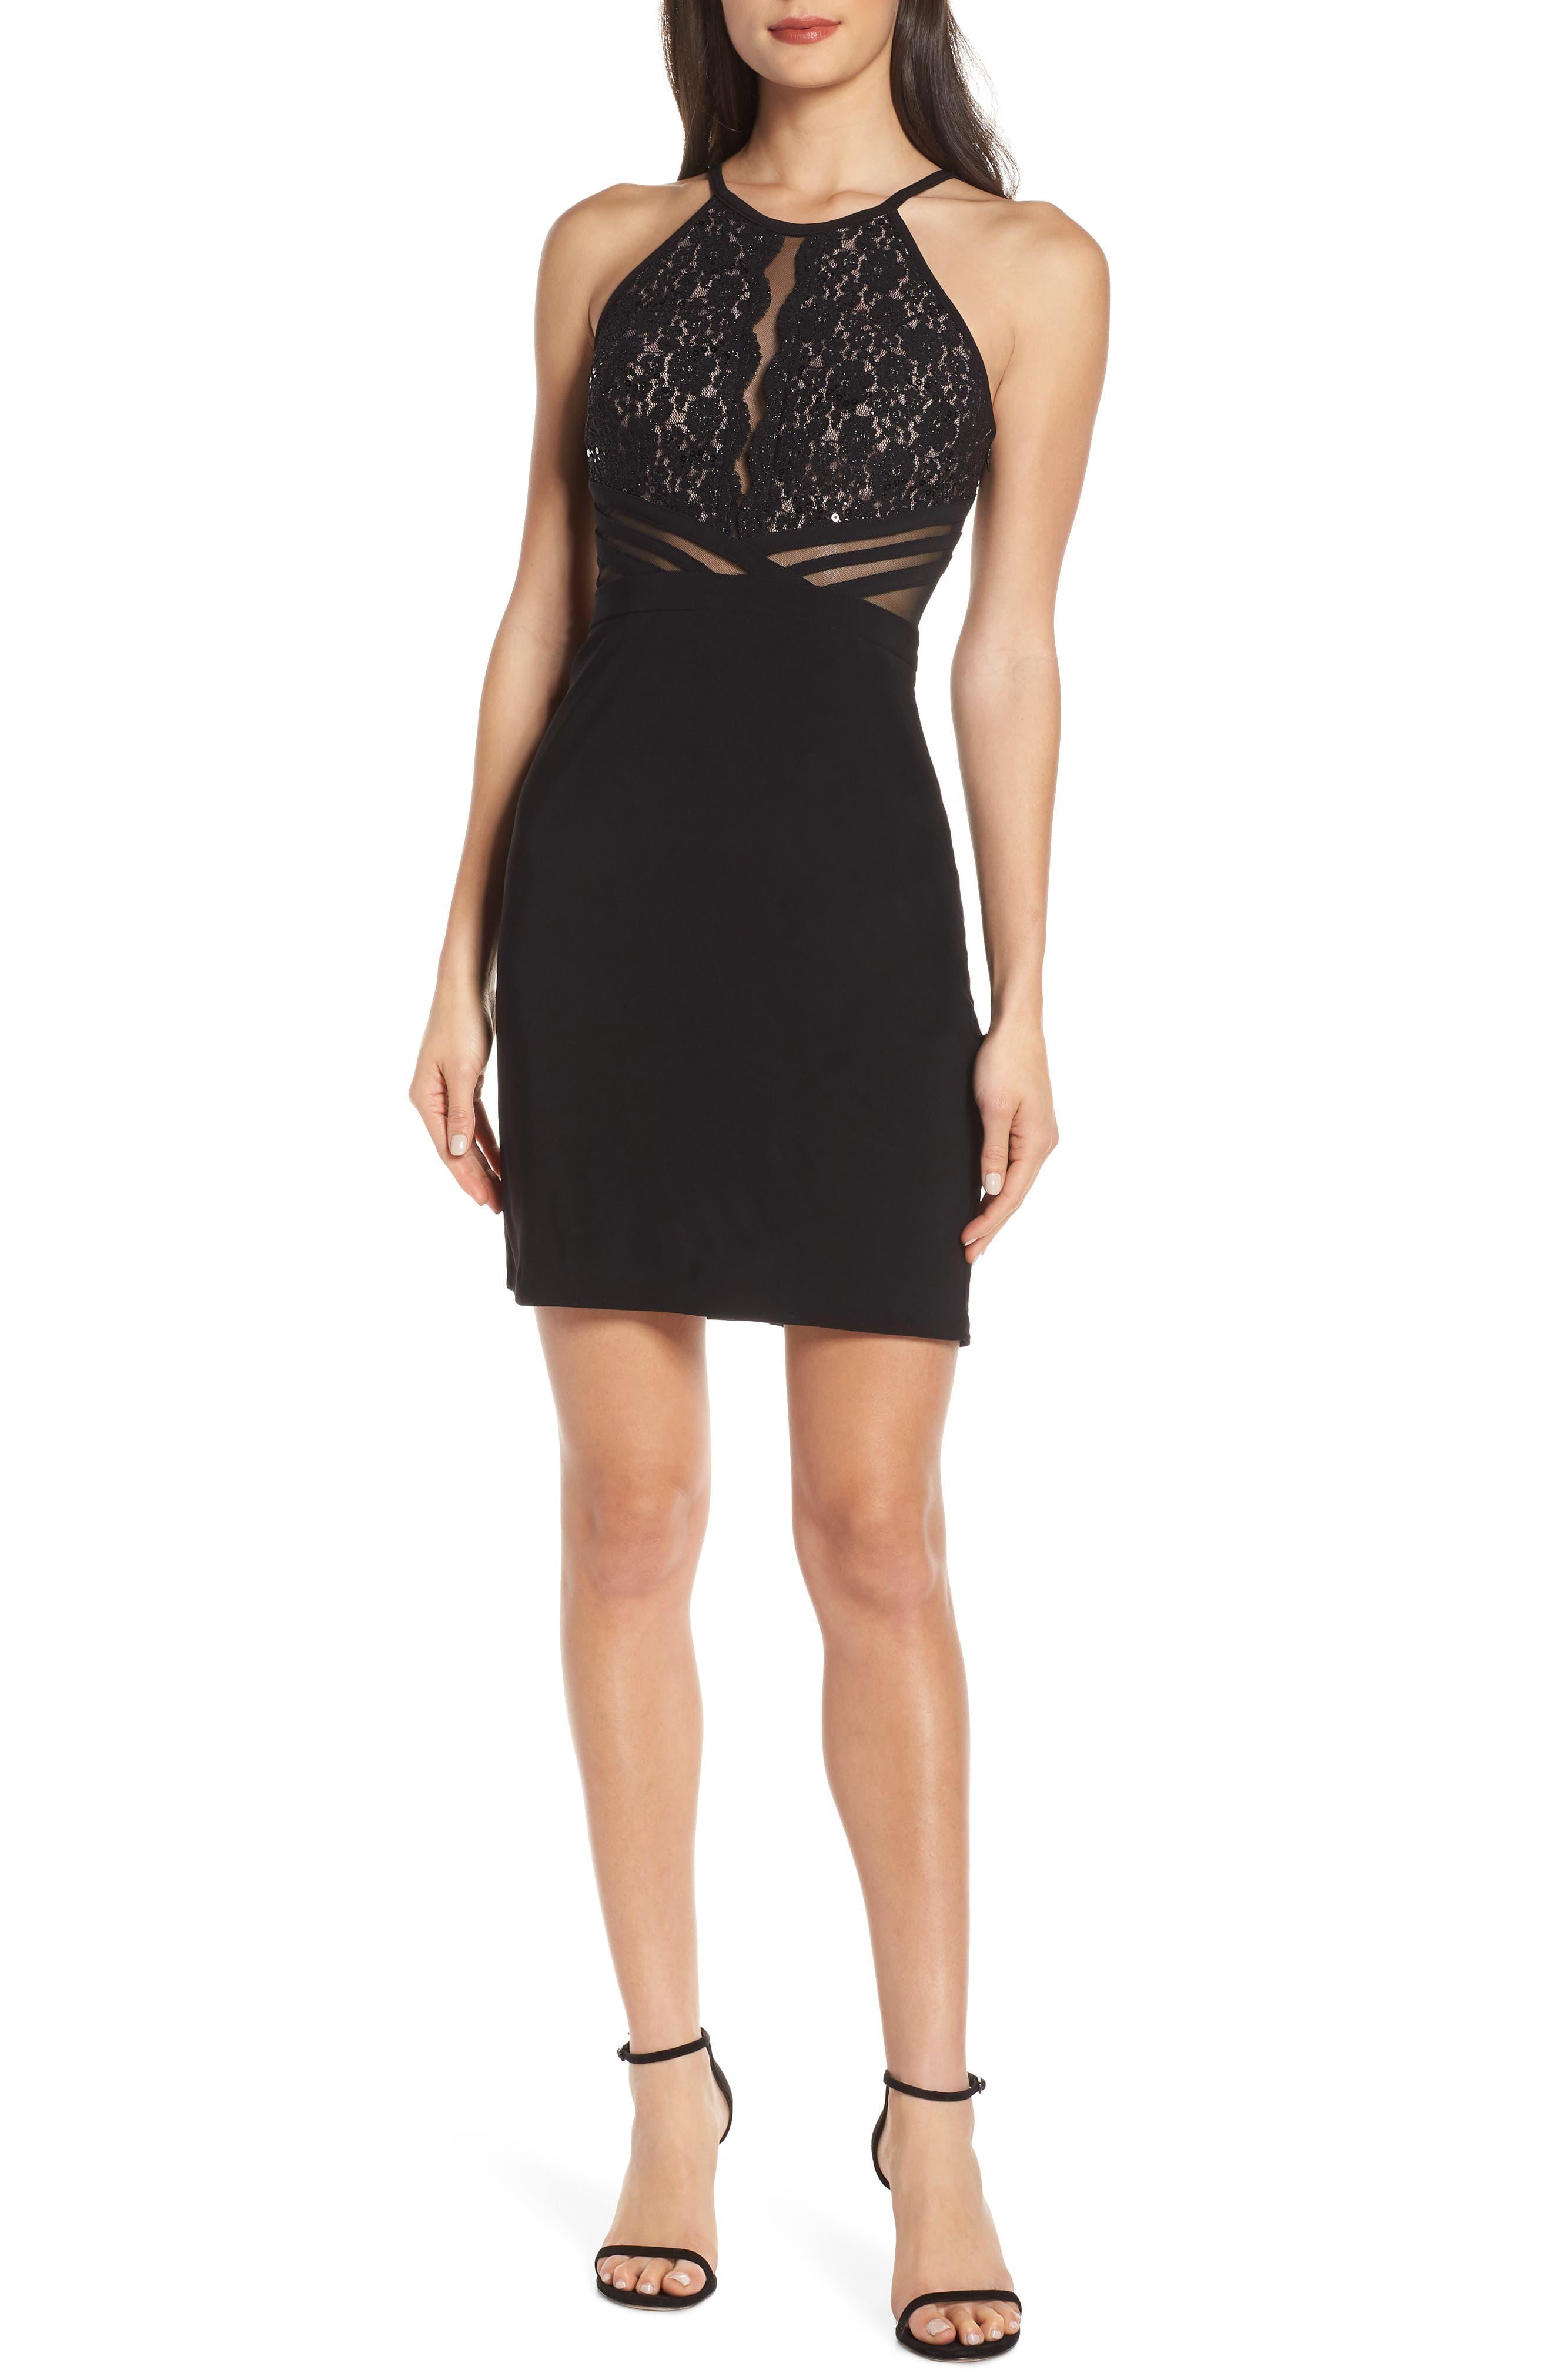 Morgan & Co. Scallop Lace Bodice Body-Con Dress, /2 - Black